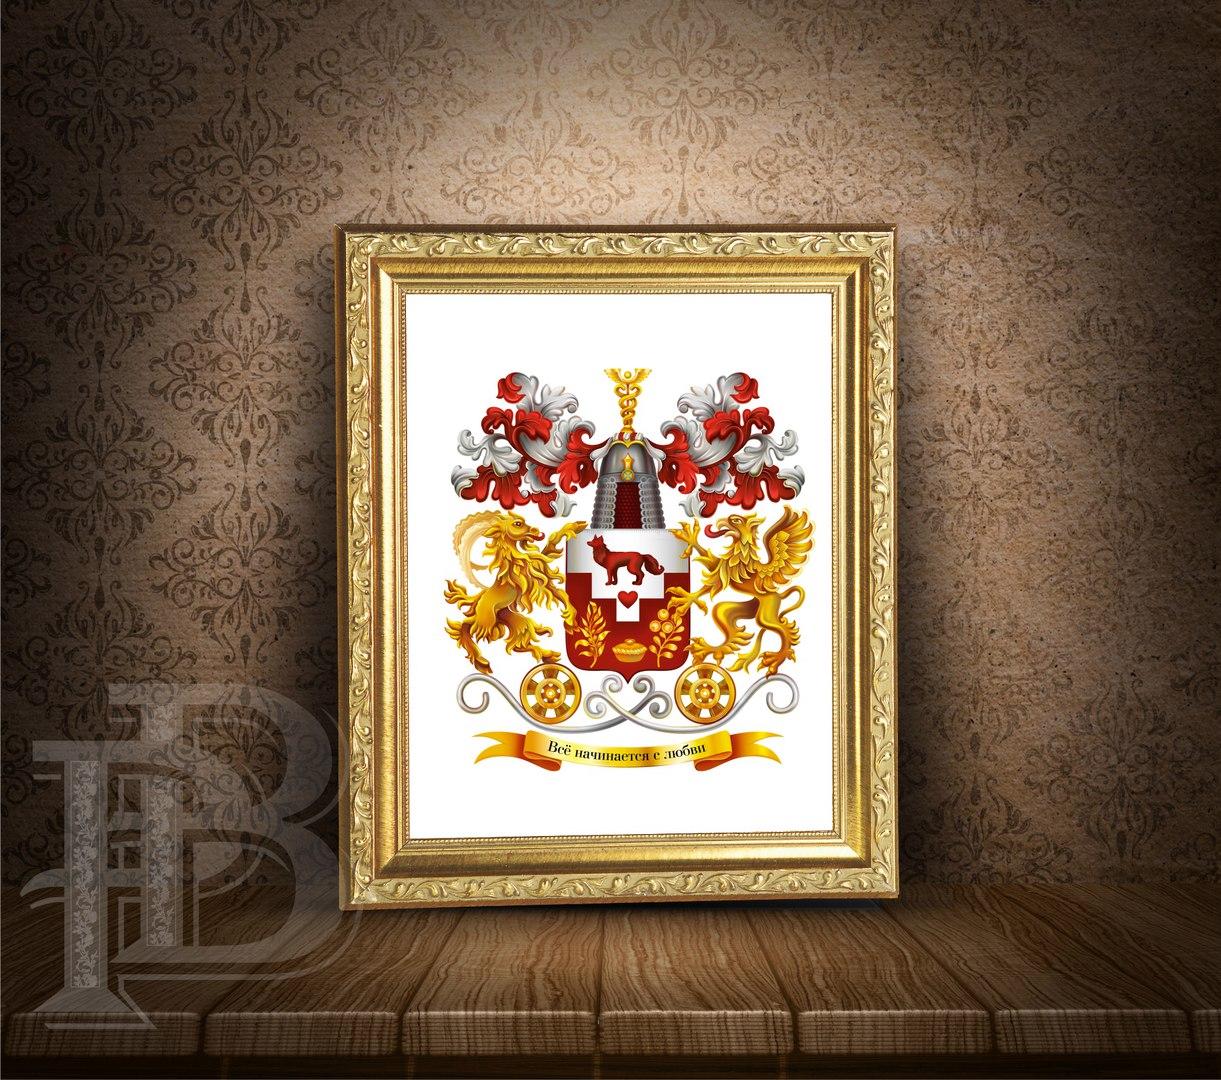 элитный подарок - картина с гербом